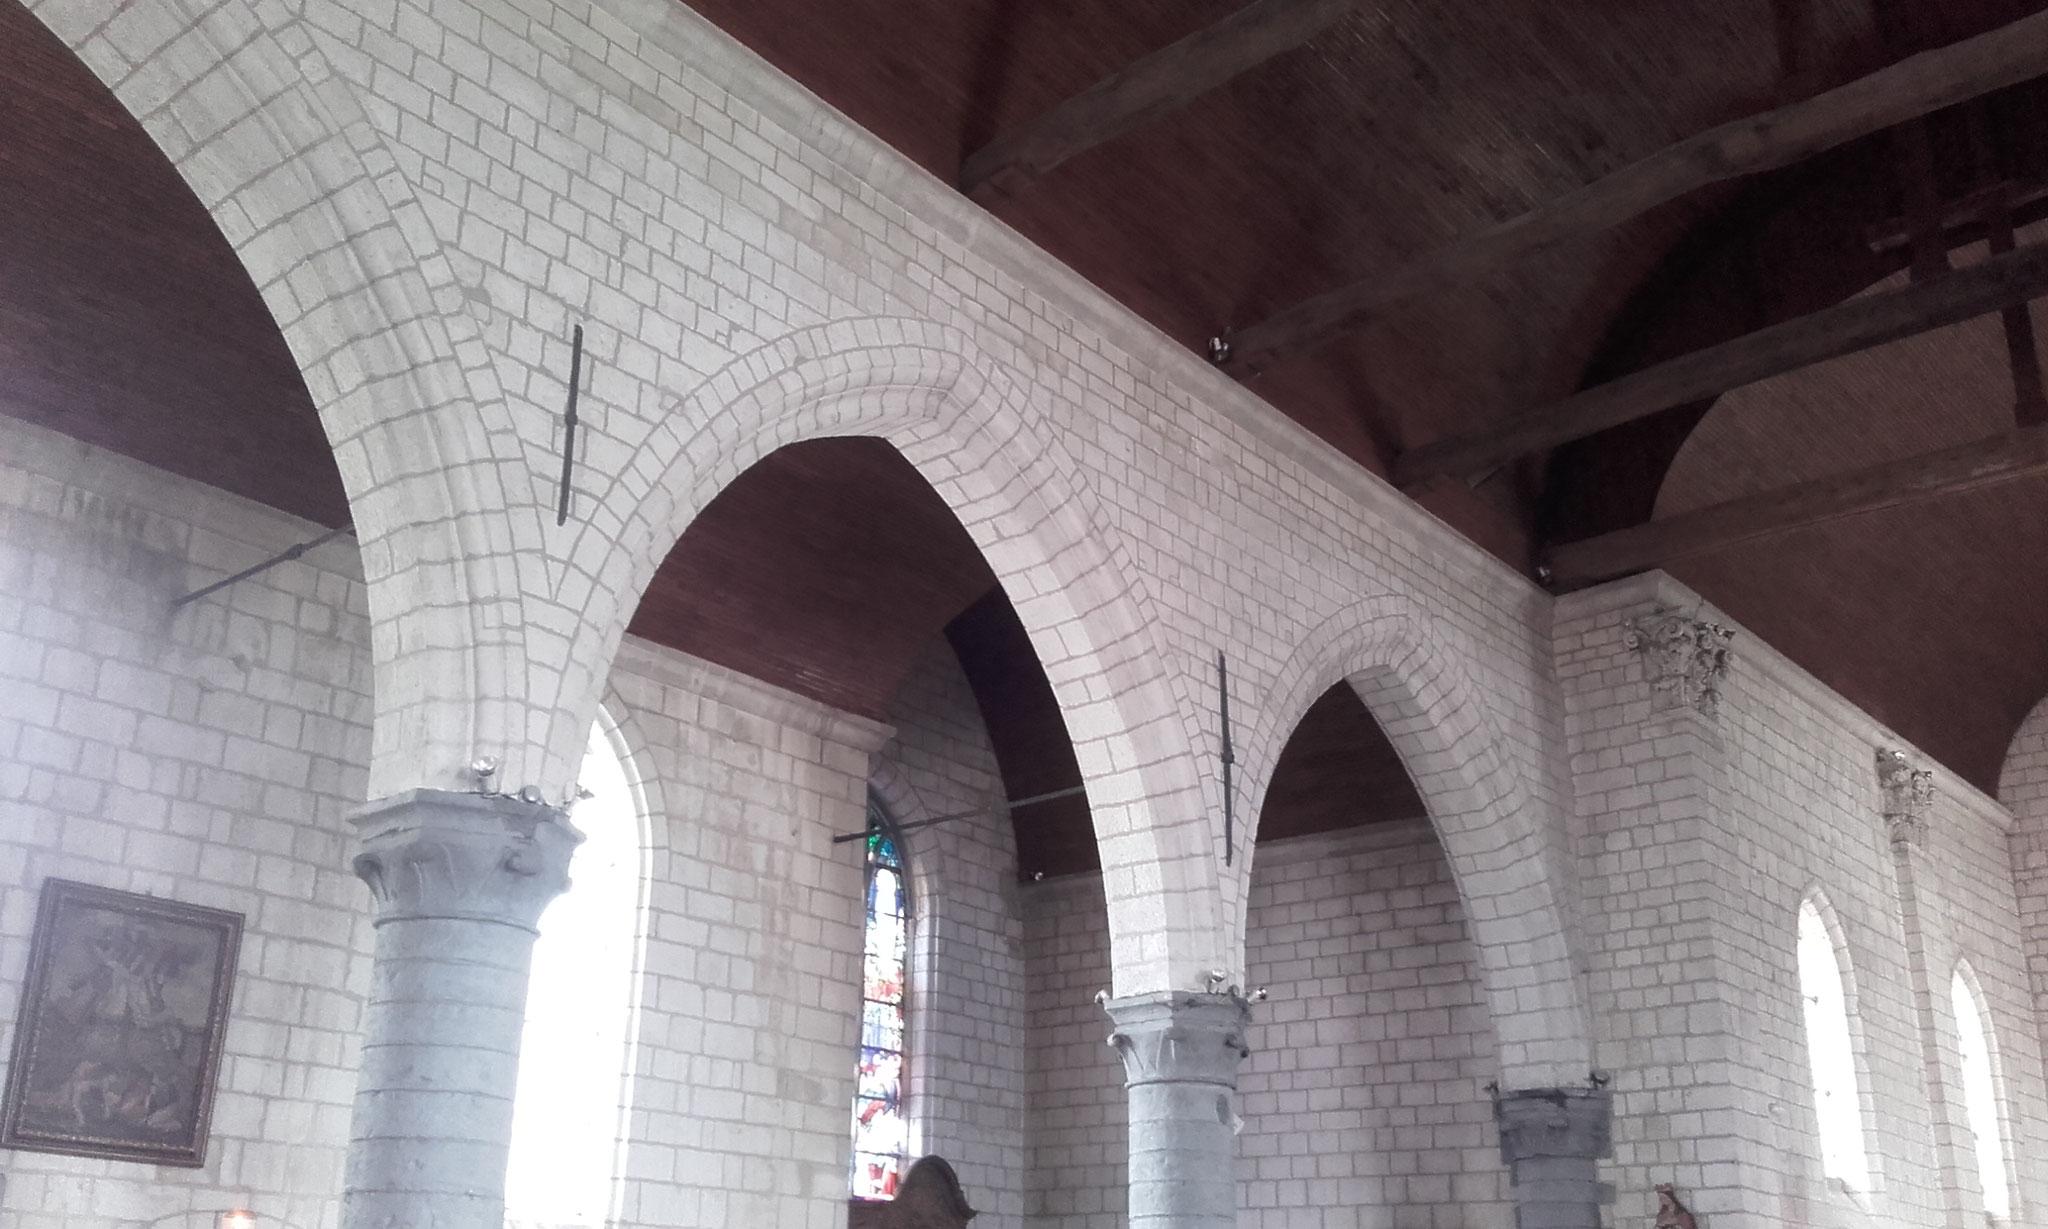 Nef de l'église St Nicolas de Sainghin en Mélantois - les chapiteaux à crochets sont typiques du gothique Tournaisien, tout comme les arches qui ne sont pas sans ressemblance avec celles de la Collégiale St Piat de Seclin.